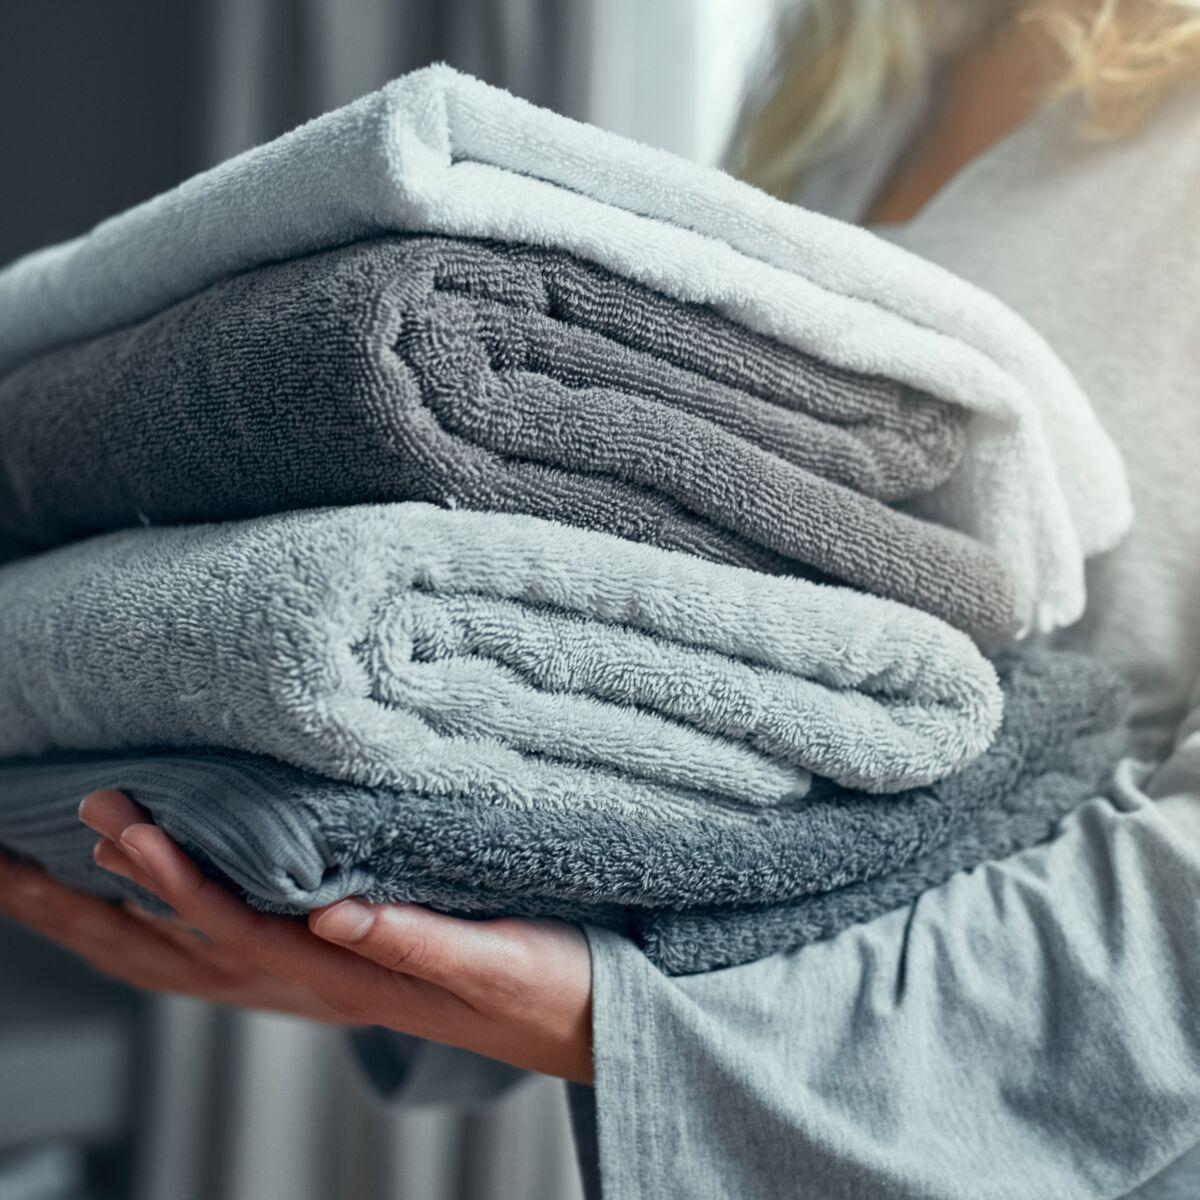 Les meilleures serviettes de bains pour la peau selon les dermatologues :  Femme Actuelle Le MAG